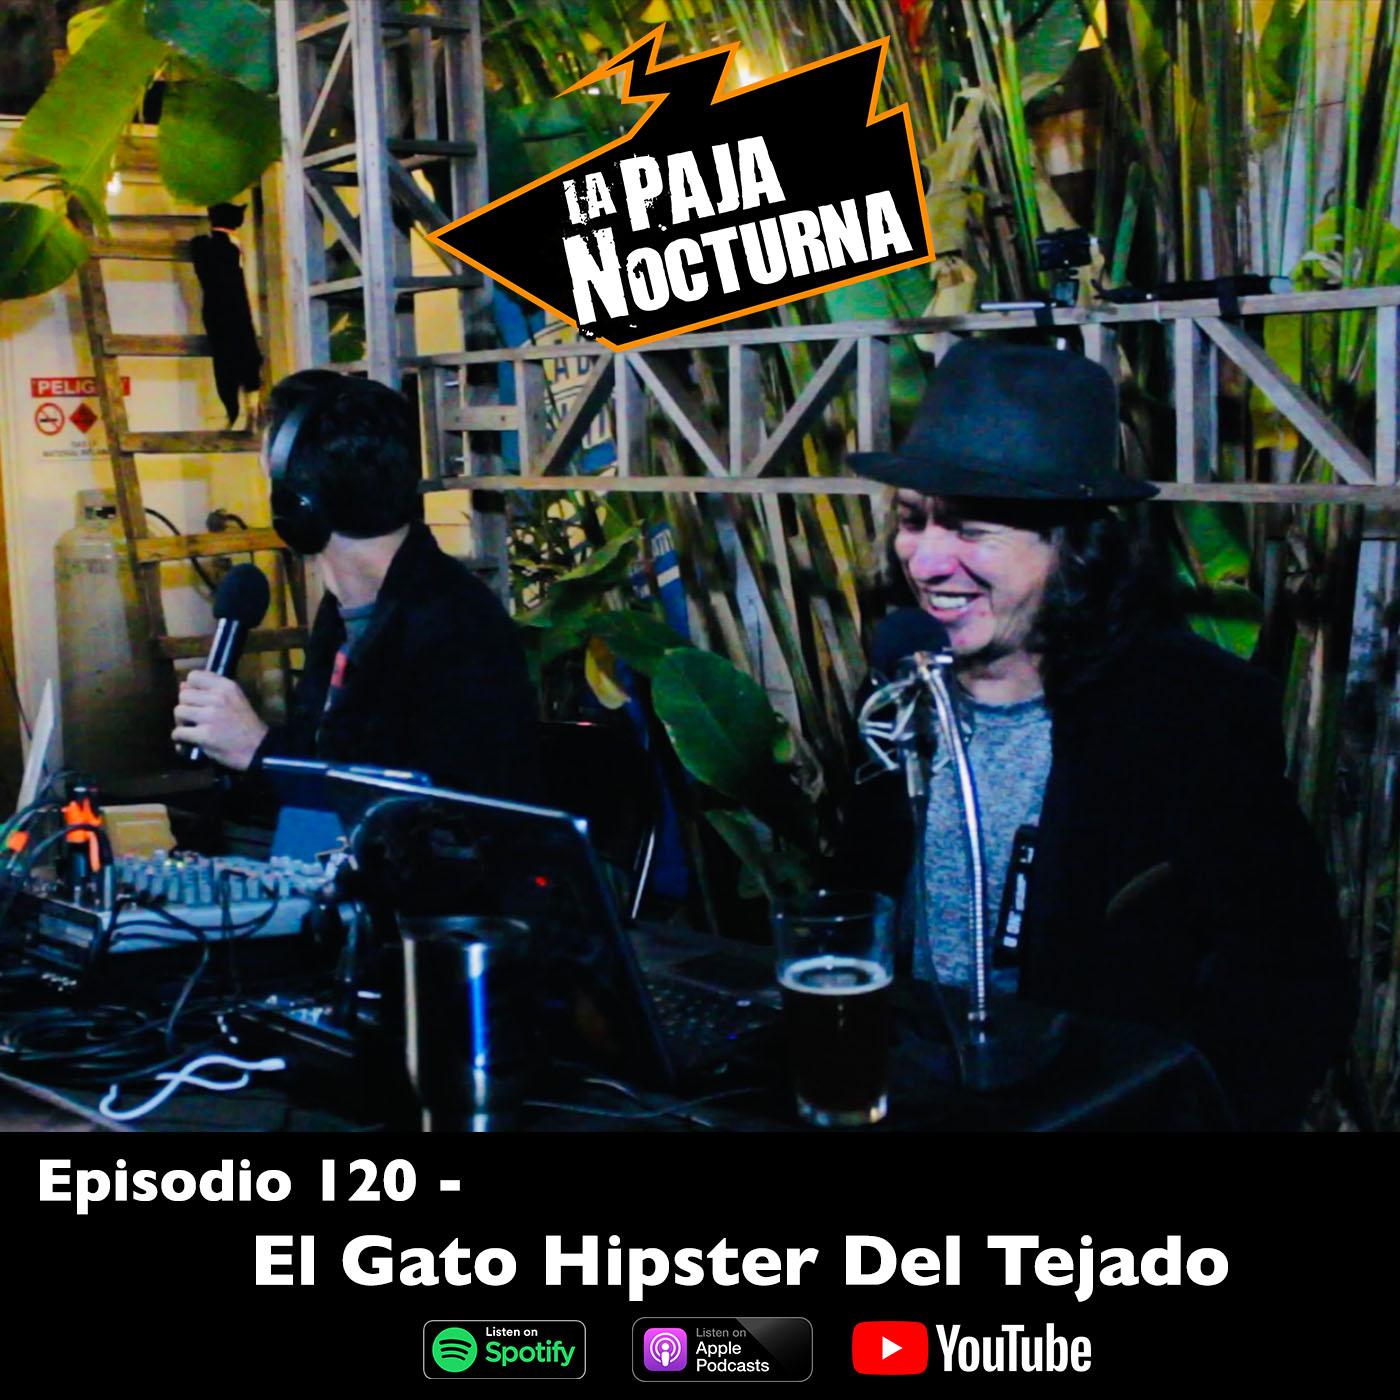 La paja nocturna podcast Episodio 120